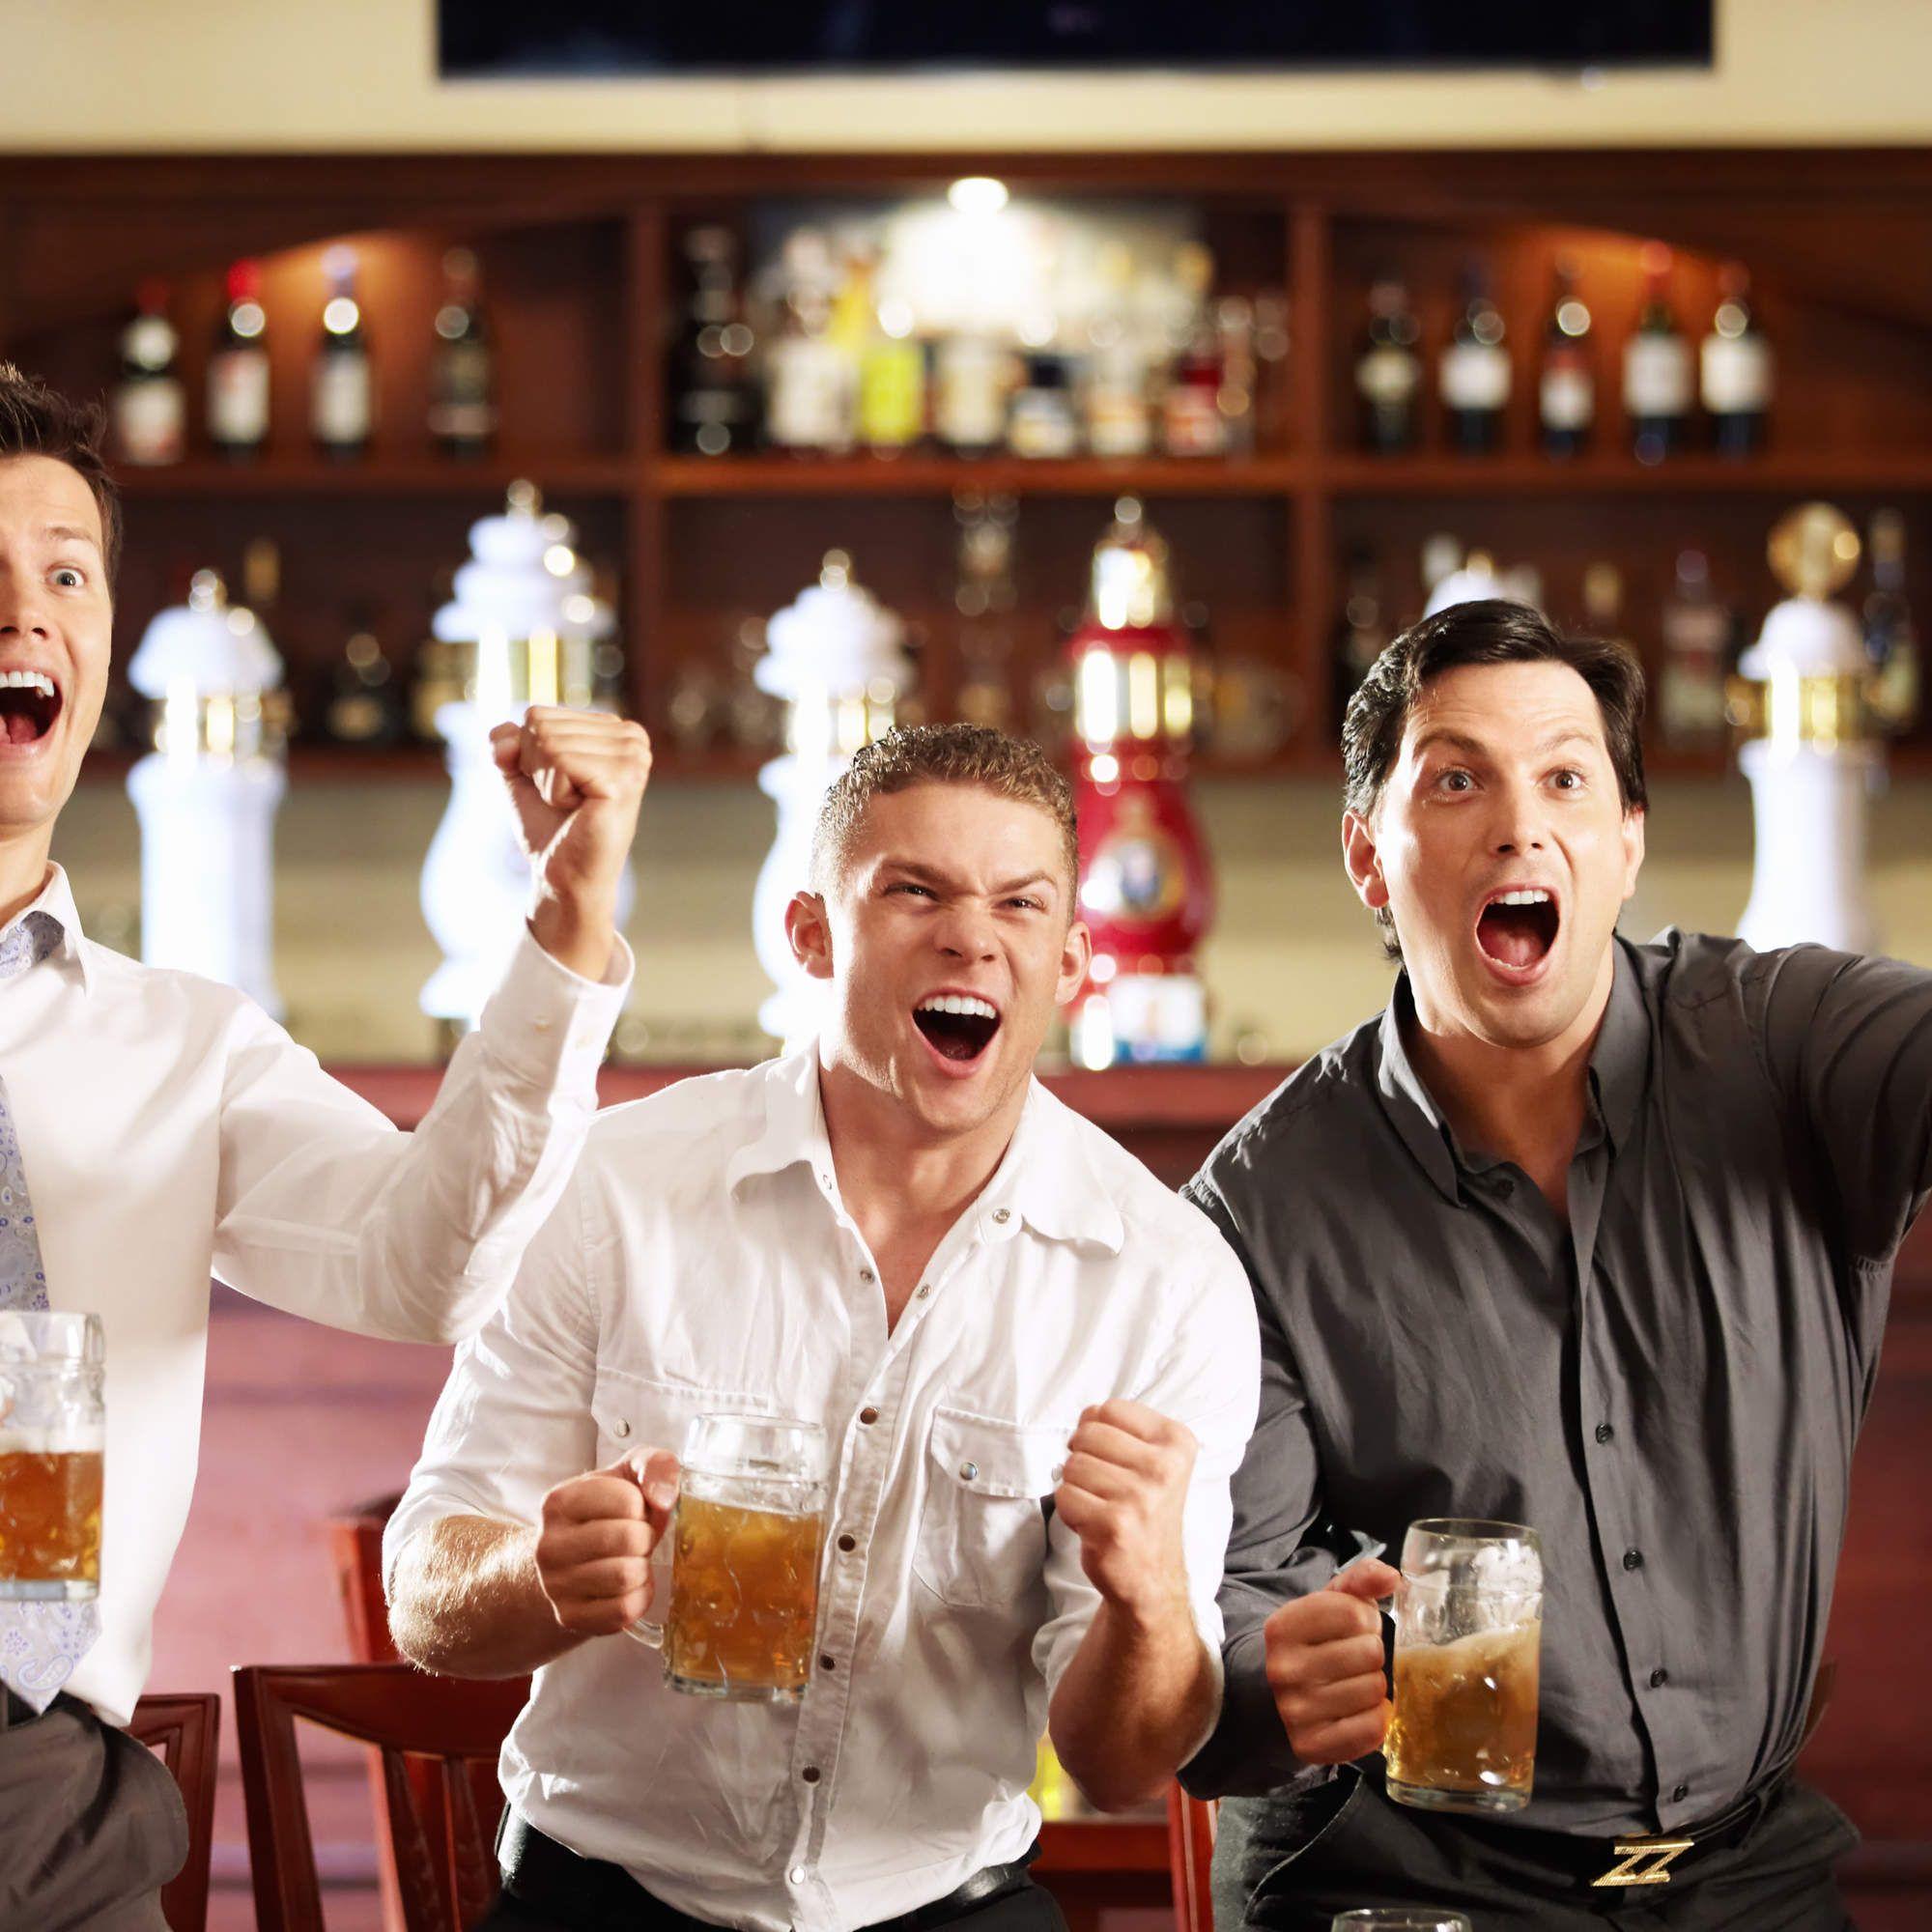 The 17 Best Sports Bars in Miami Sports bar, Fun sports